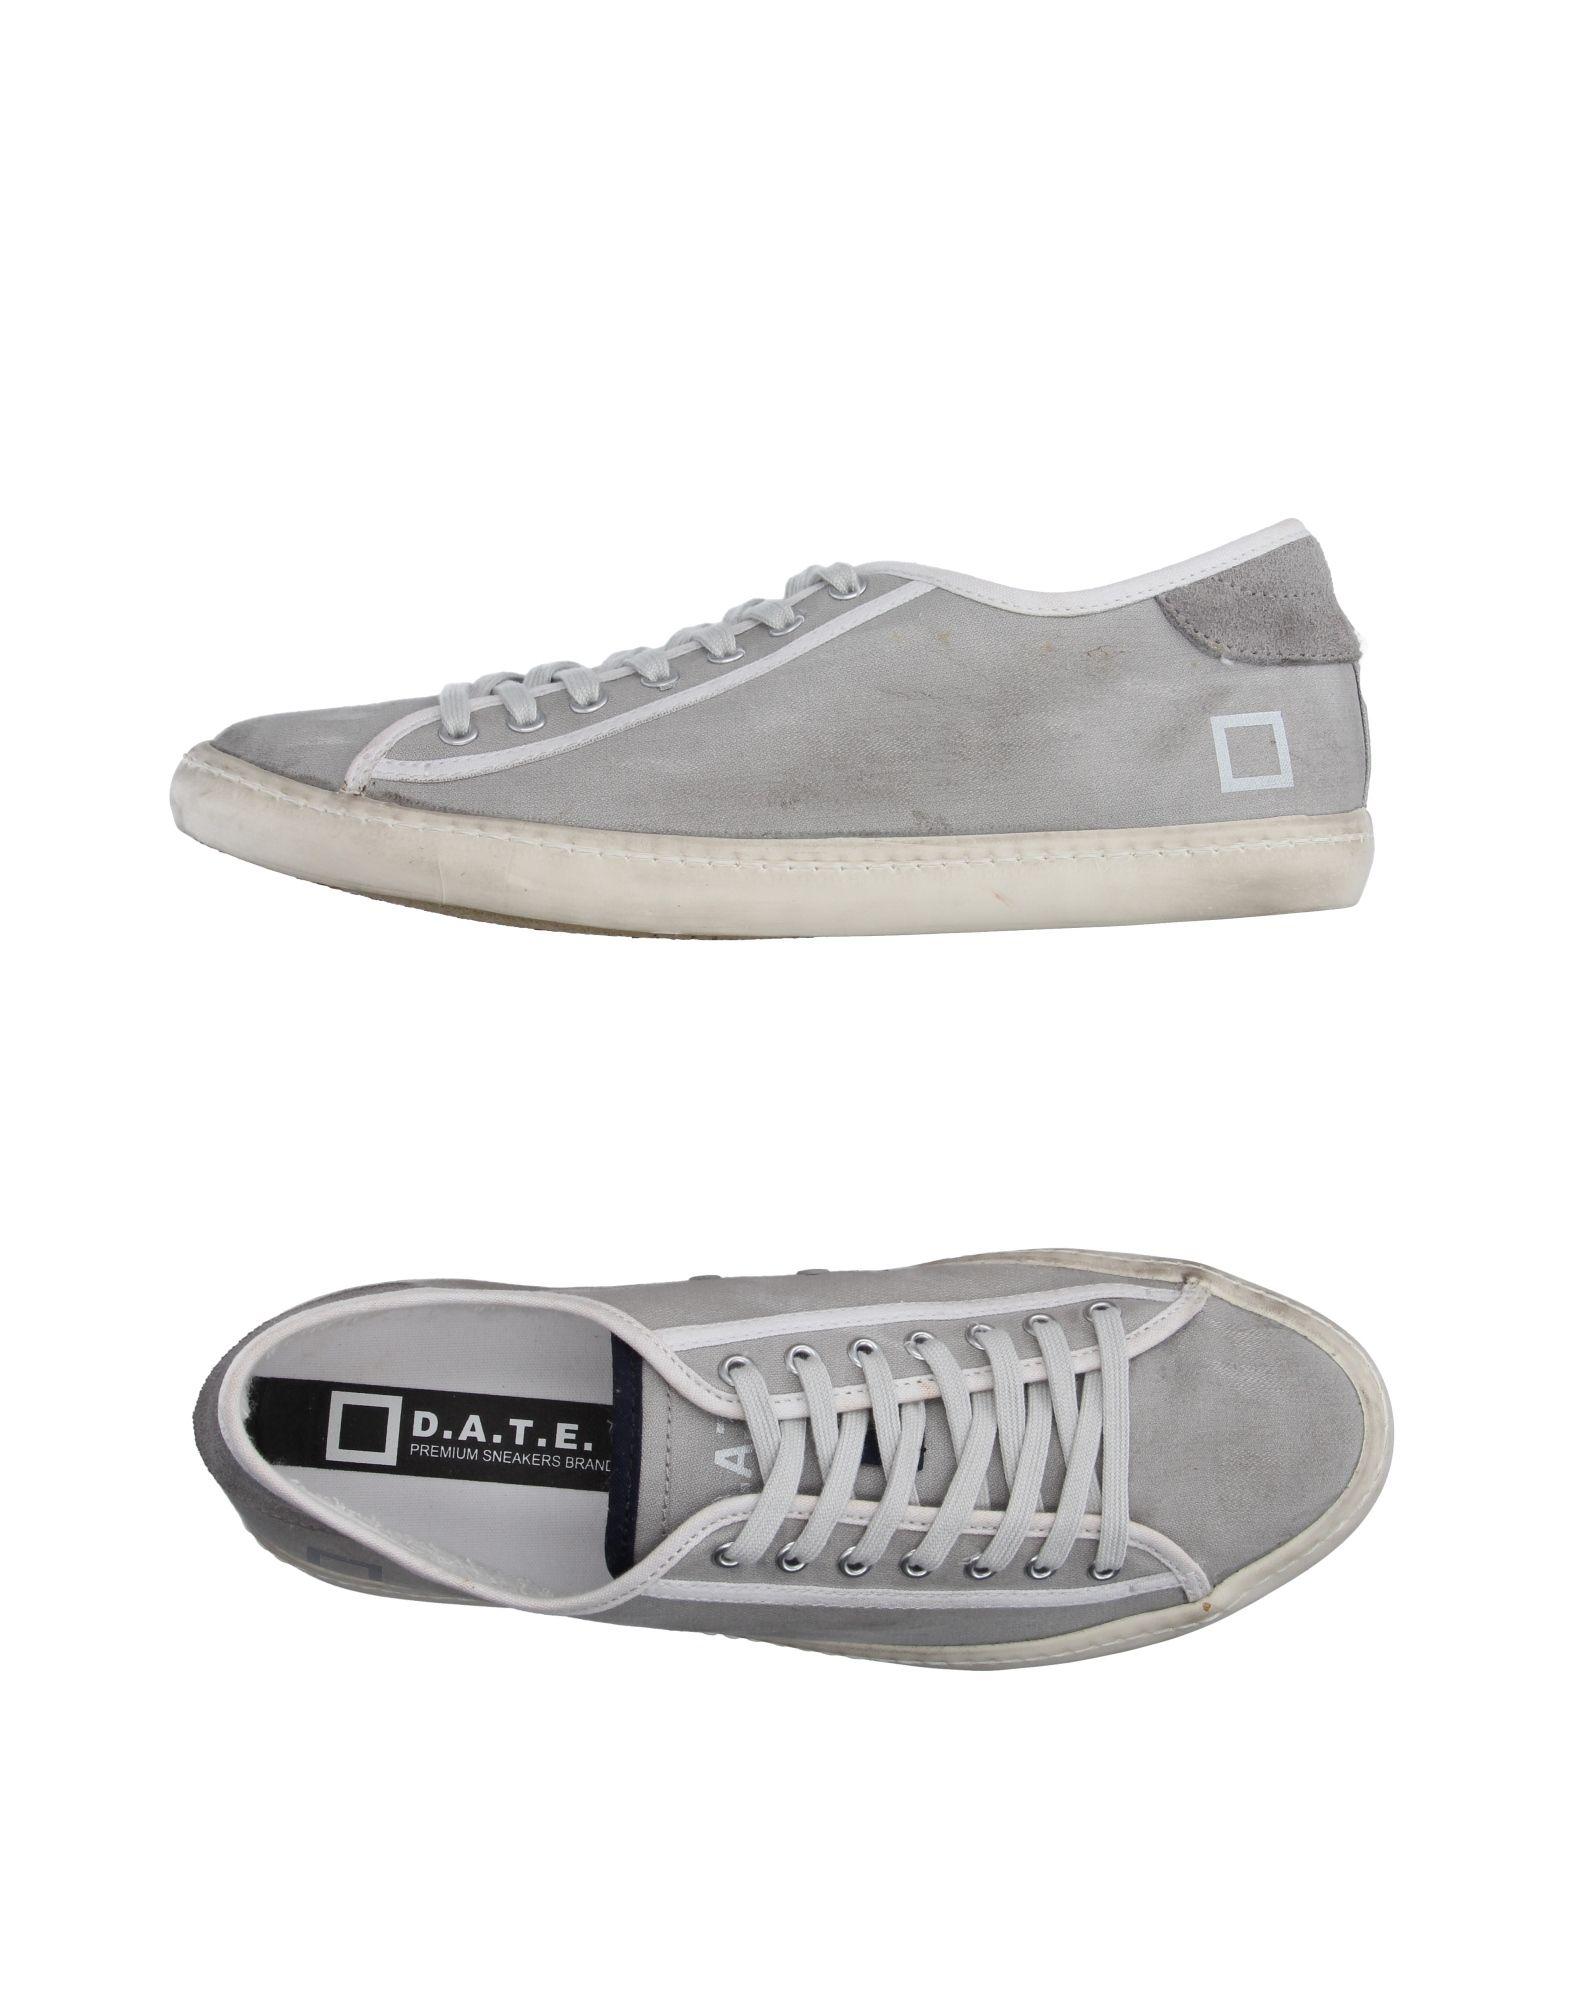 D.A.T.E. Heiße Sneakers Herren  11117487CE Heiße D.A.T.E. Schuhe 2e925c